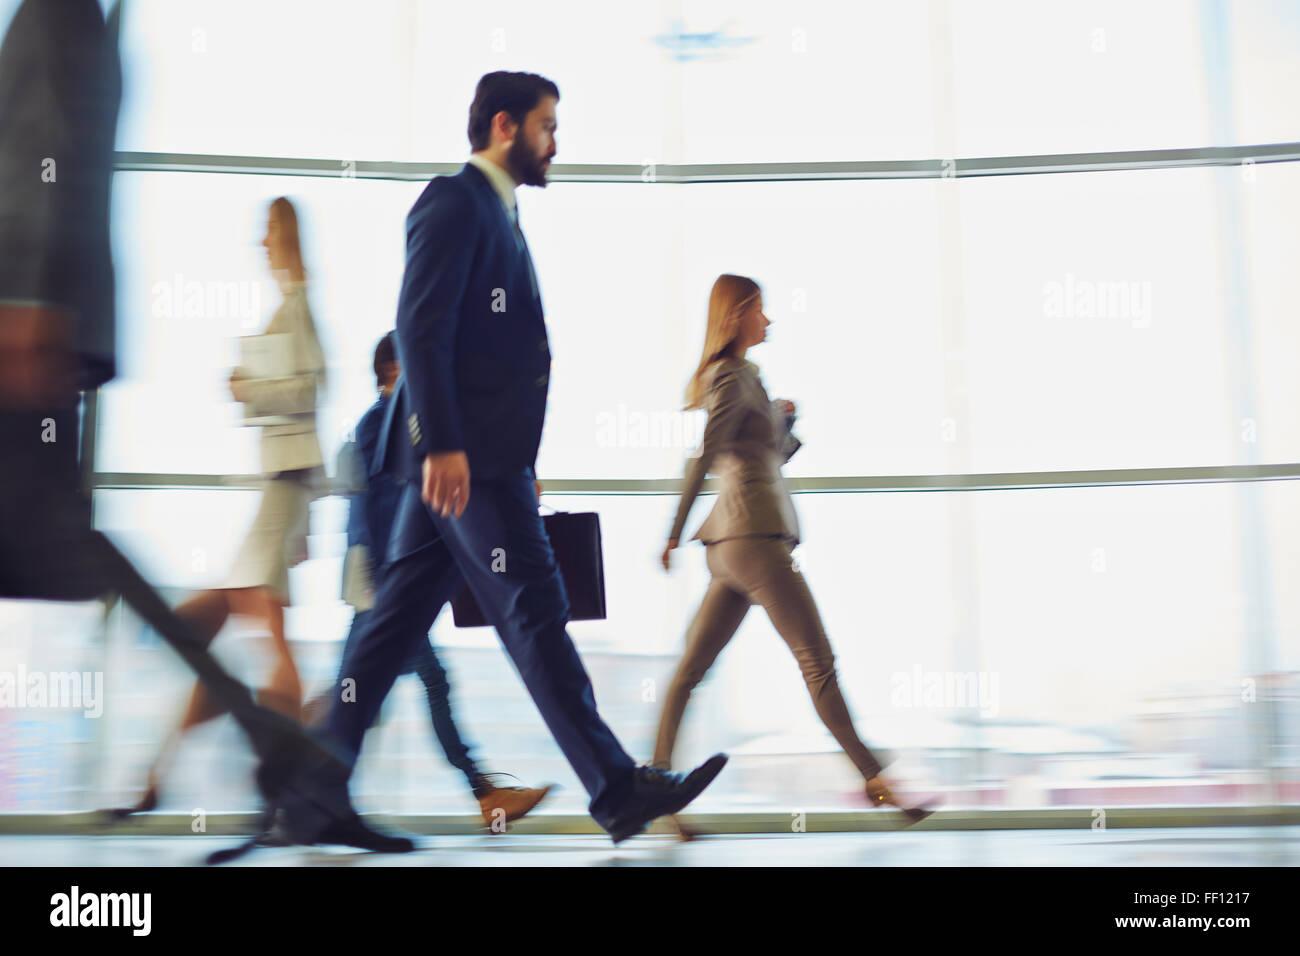 Multitud de gente de negocios moderno caminando por el corredor Imagen De Stock